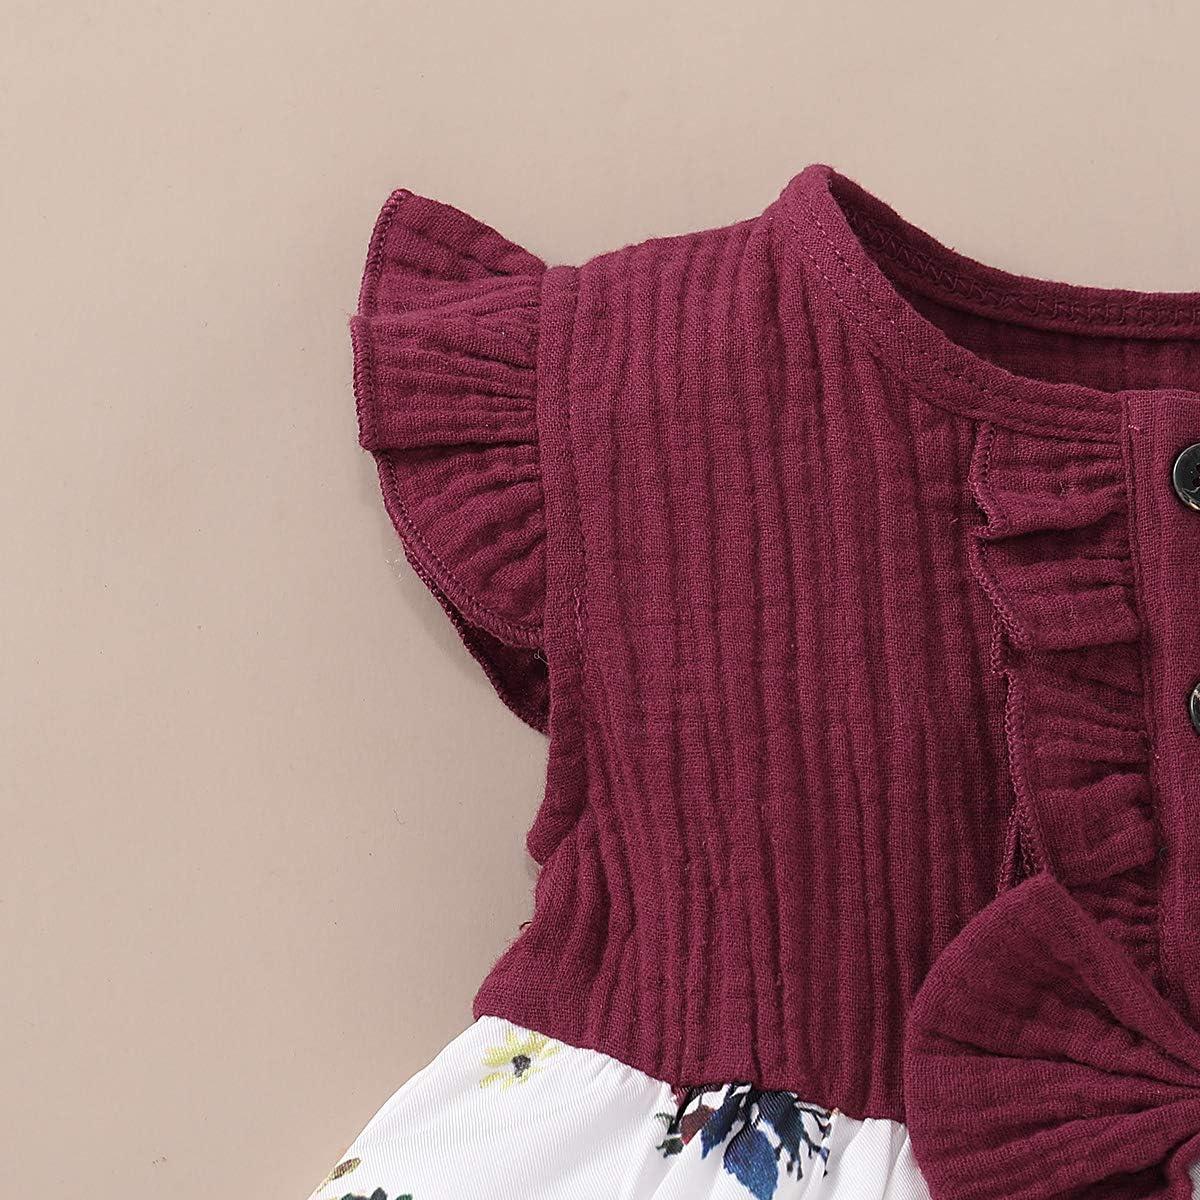 DaMohony Vestito estivo per bambina gonna rossa a maniche corte con fiocco per primavera per bambine estive